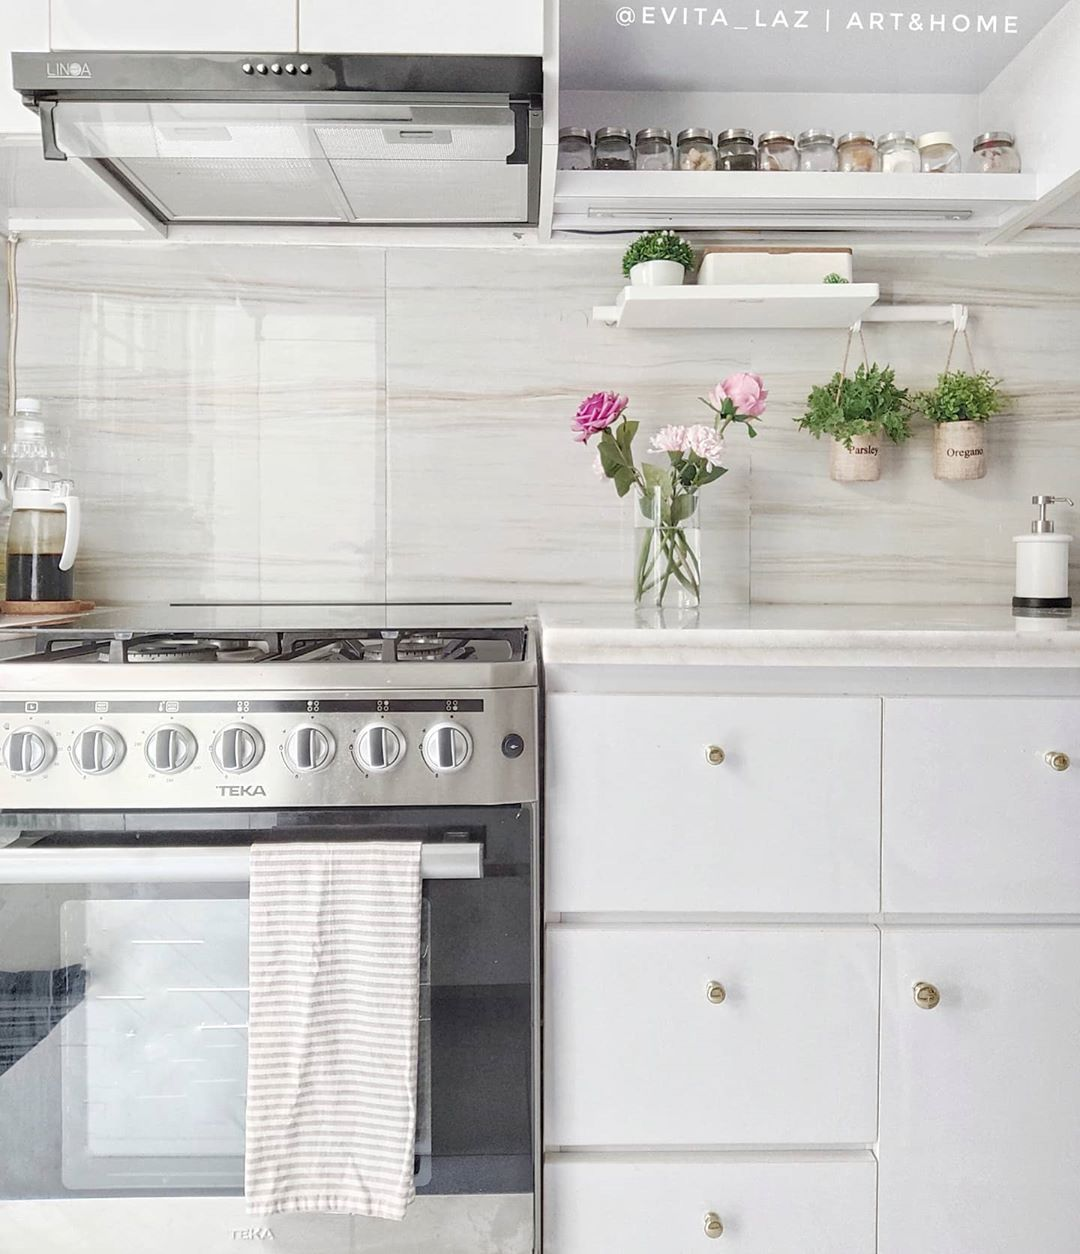 Inspirasi Dekorasi Rumah dengan Hiasan Tanaman yang Bikin Adem